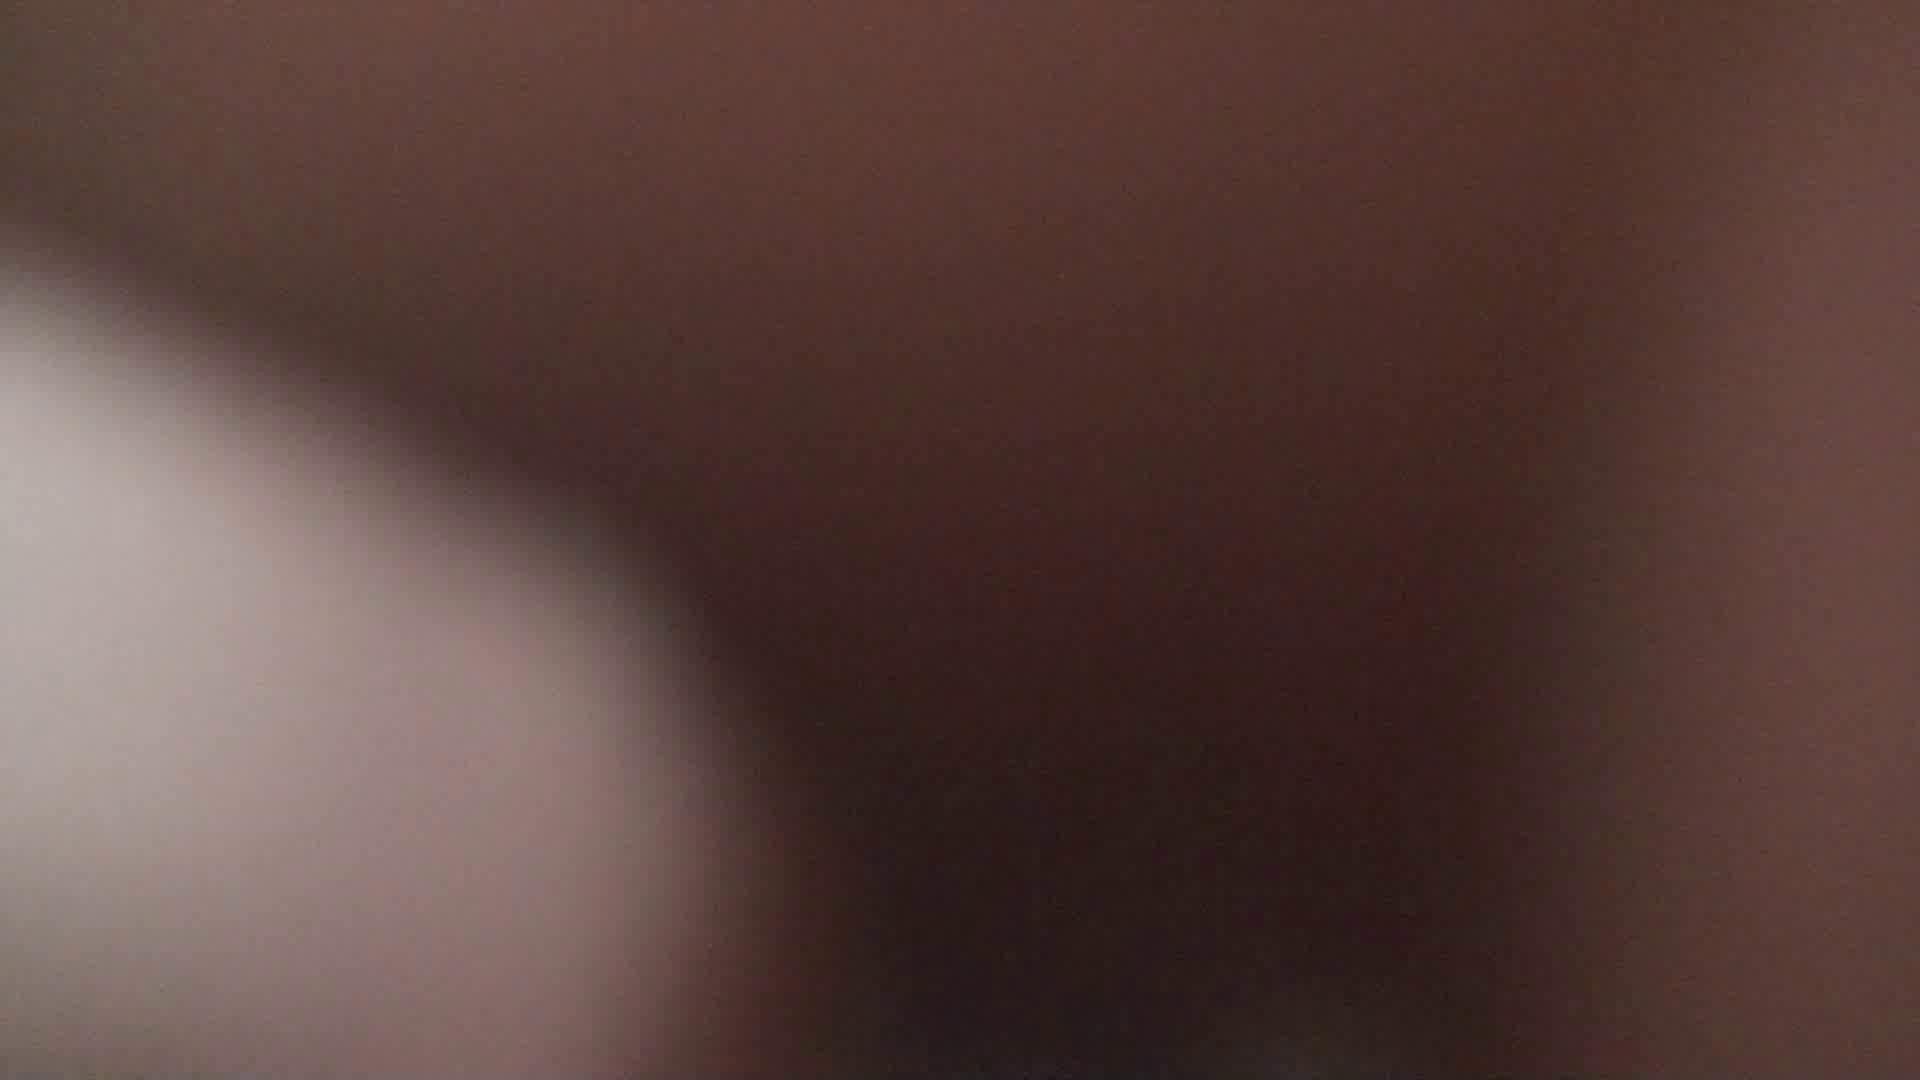 雅さんの独断と偏見で集めた動画集 vol,12 OLのエロ生活   期間限定  45連発 37